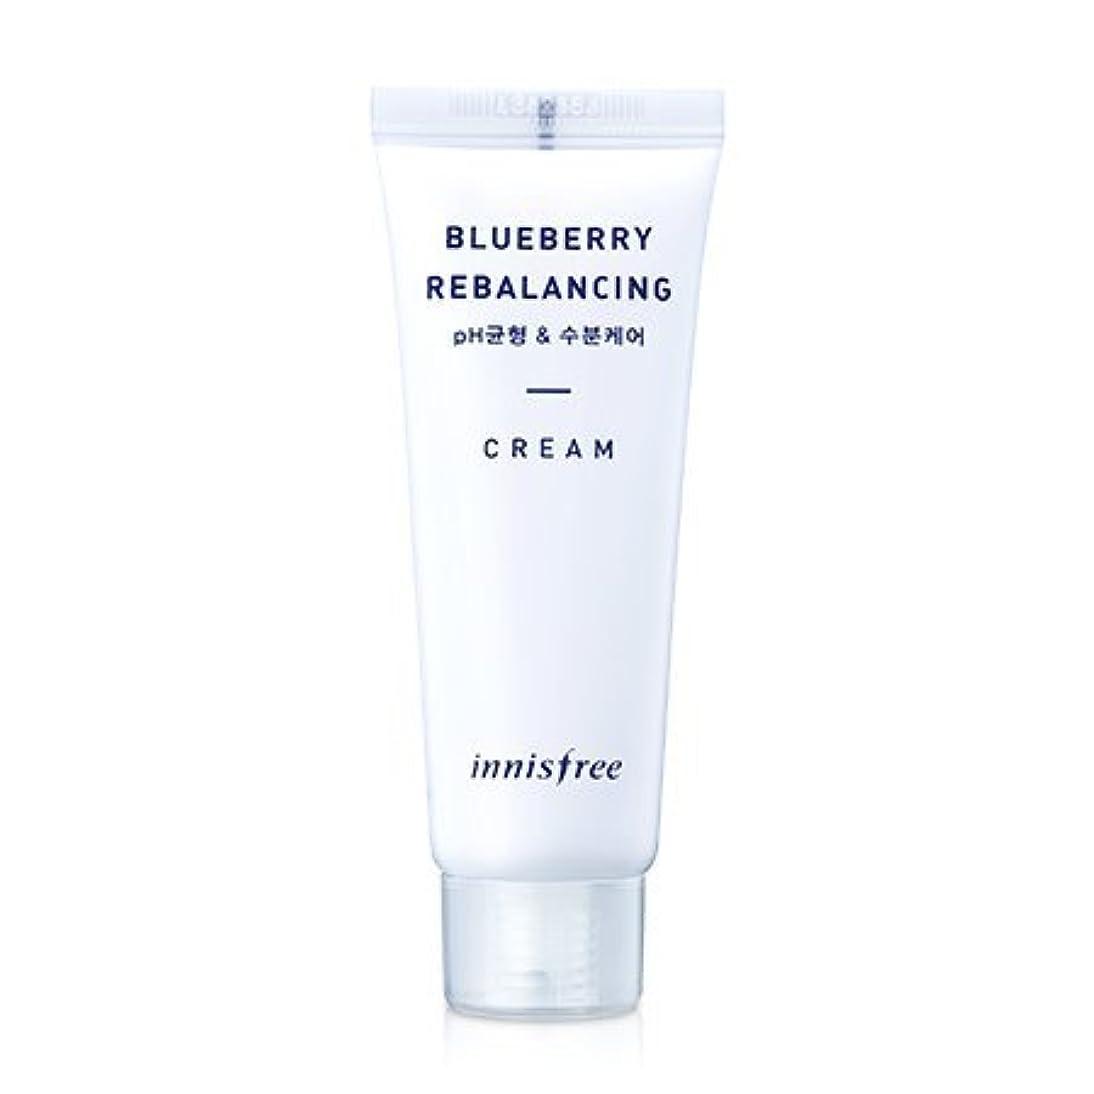 隣接アラスカ赤字[innisfree(イニスフリー)] Super food_ Blueberry rebalancing cream (50ml) スーパーフード_ブルーベリーリベルロンシンクリーム[並行輸入品][海外直送品]